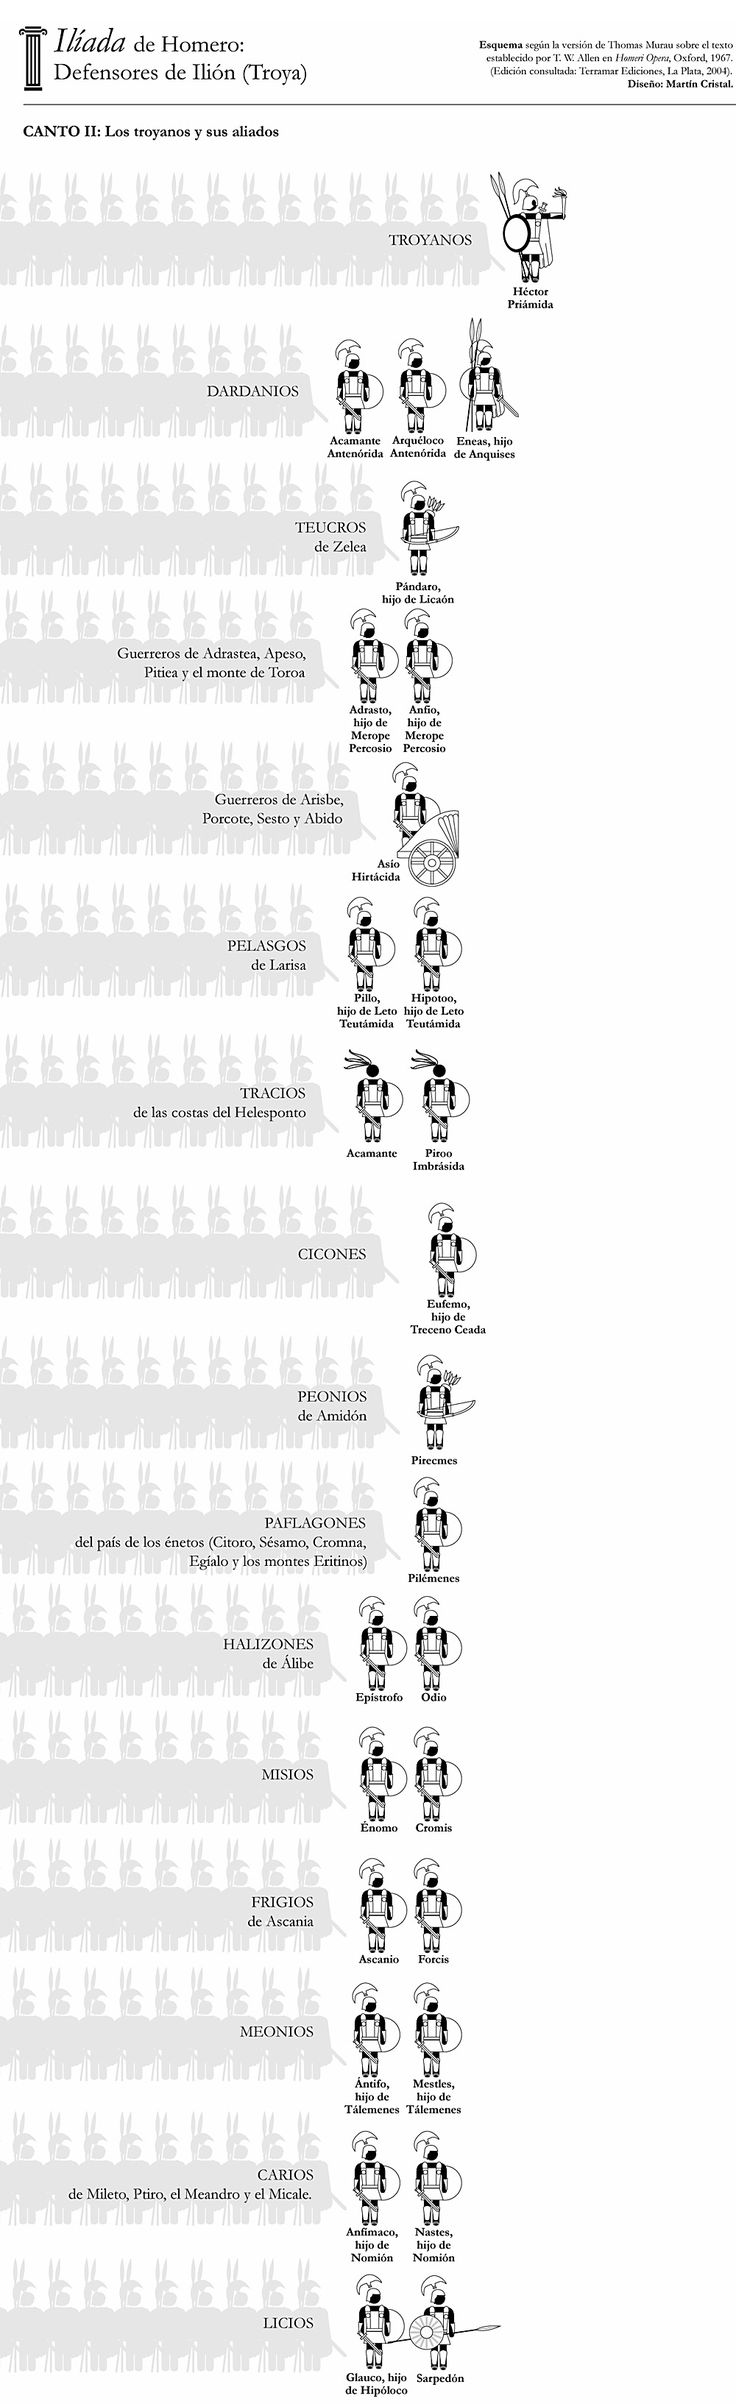 Plus De 25 Idées Magnifiques Dans La Catégorie La Iliada De Homero Sur Pinterest Iliada Y Odisea Odisea Resumen Et La Odisea De Homero